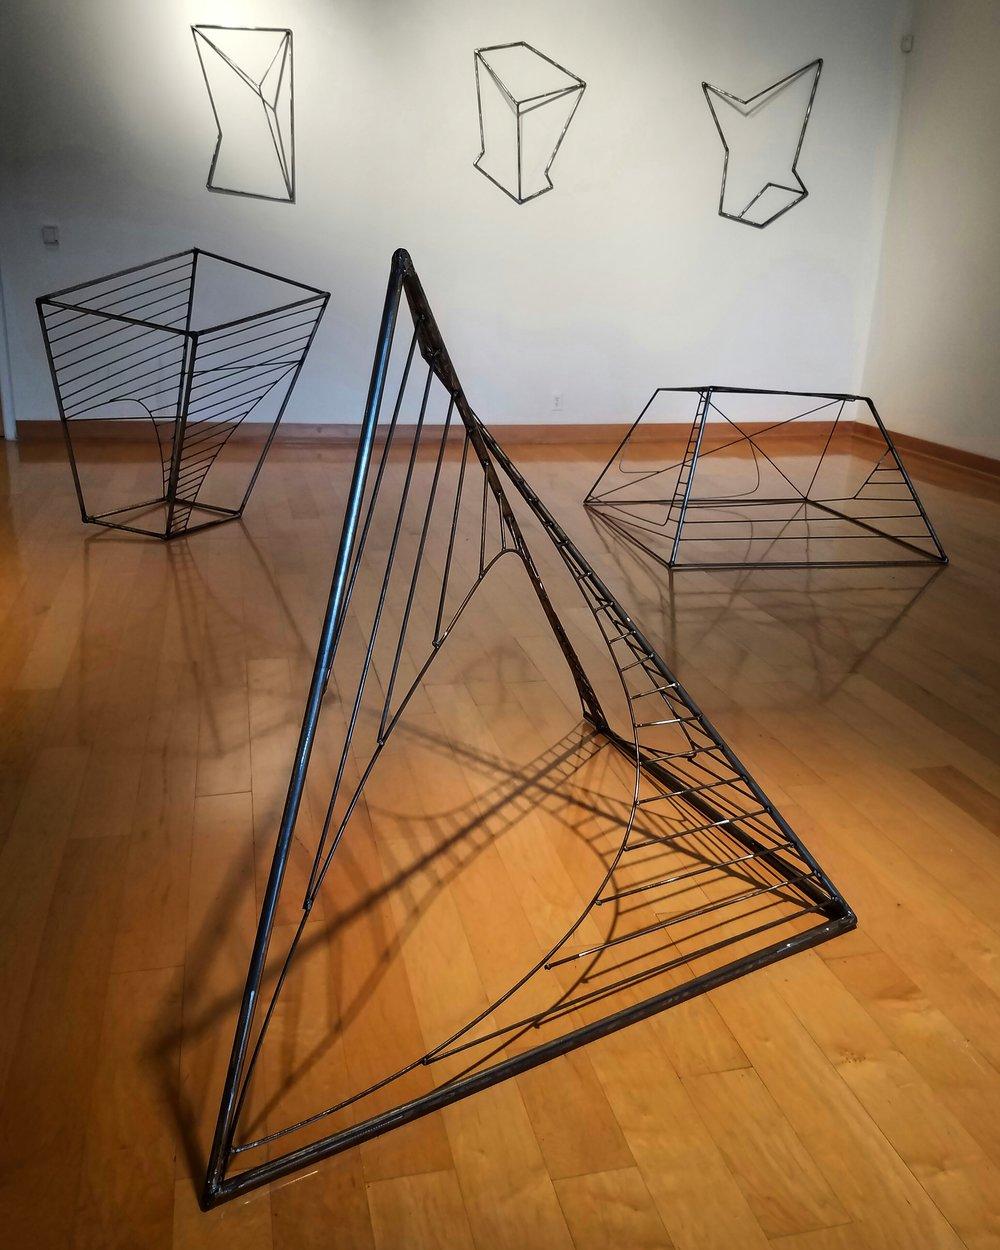 untitled, 2017 (welded steel)